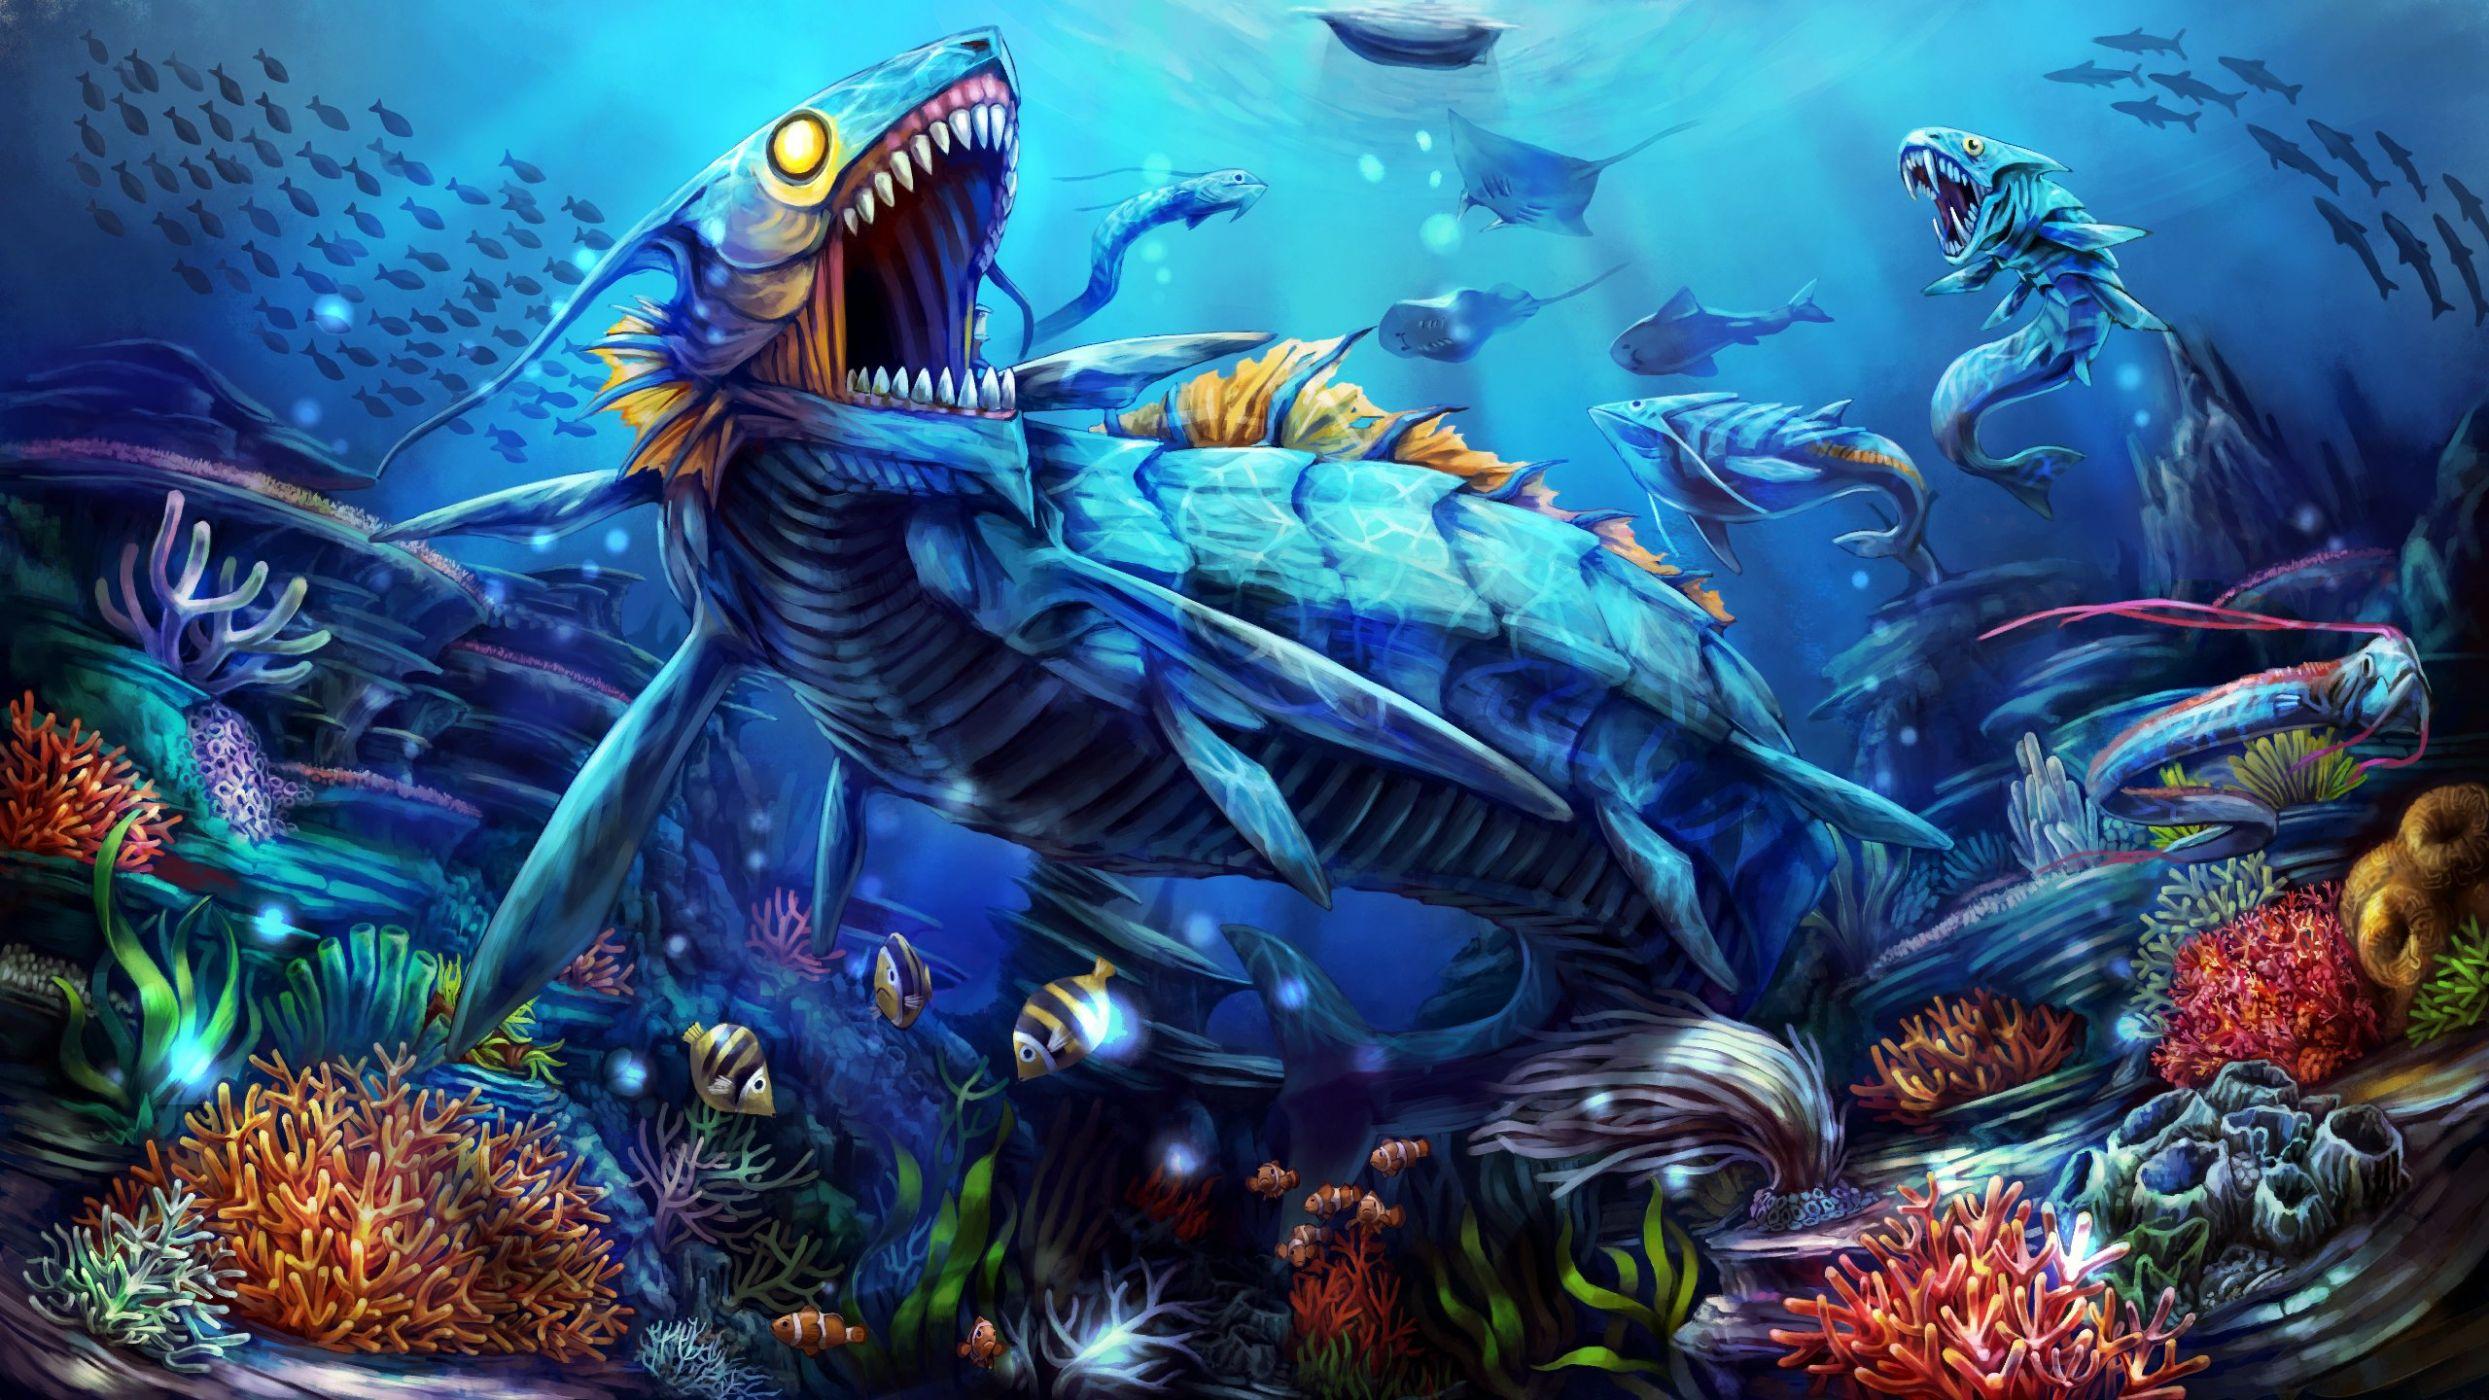 фэнтези картинки рыбы существует несколько